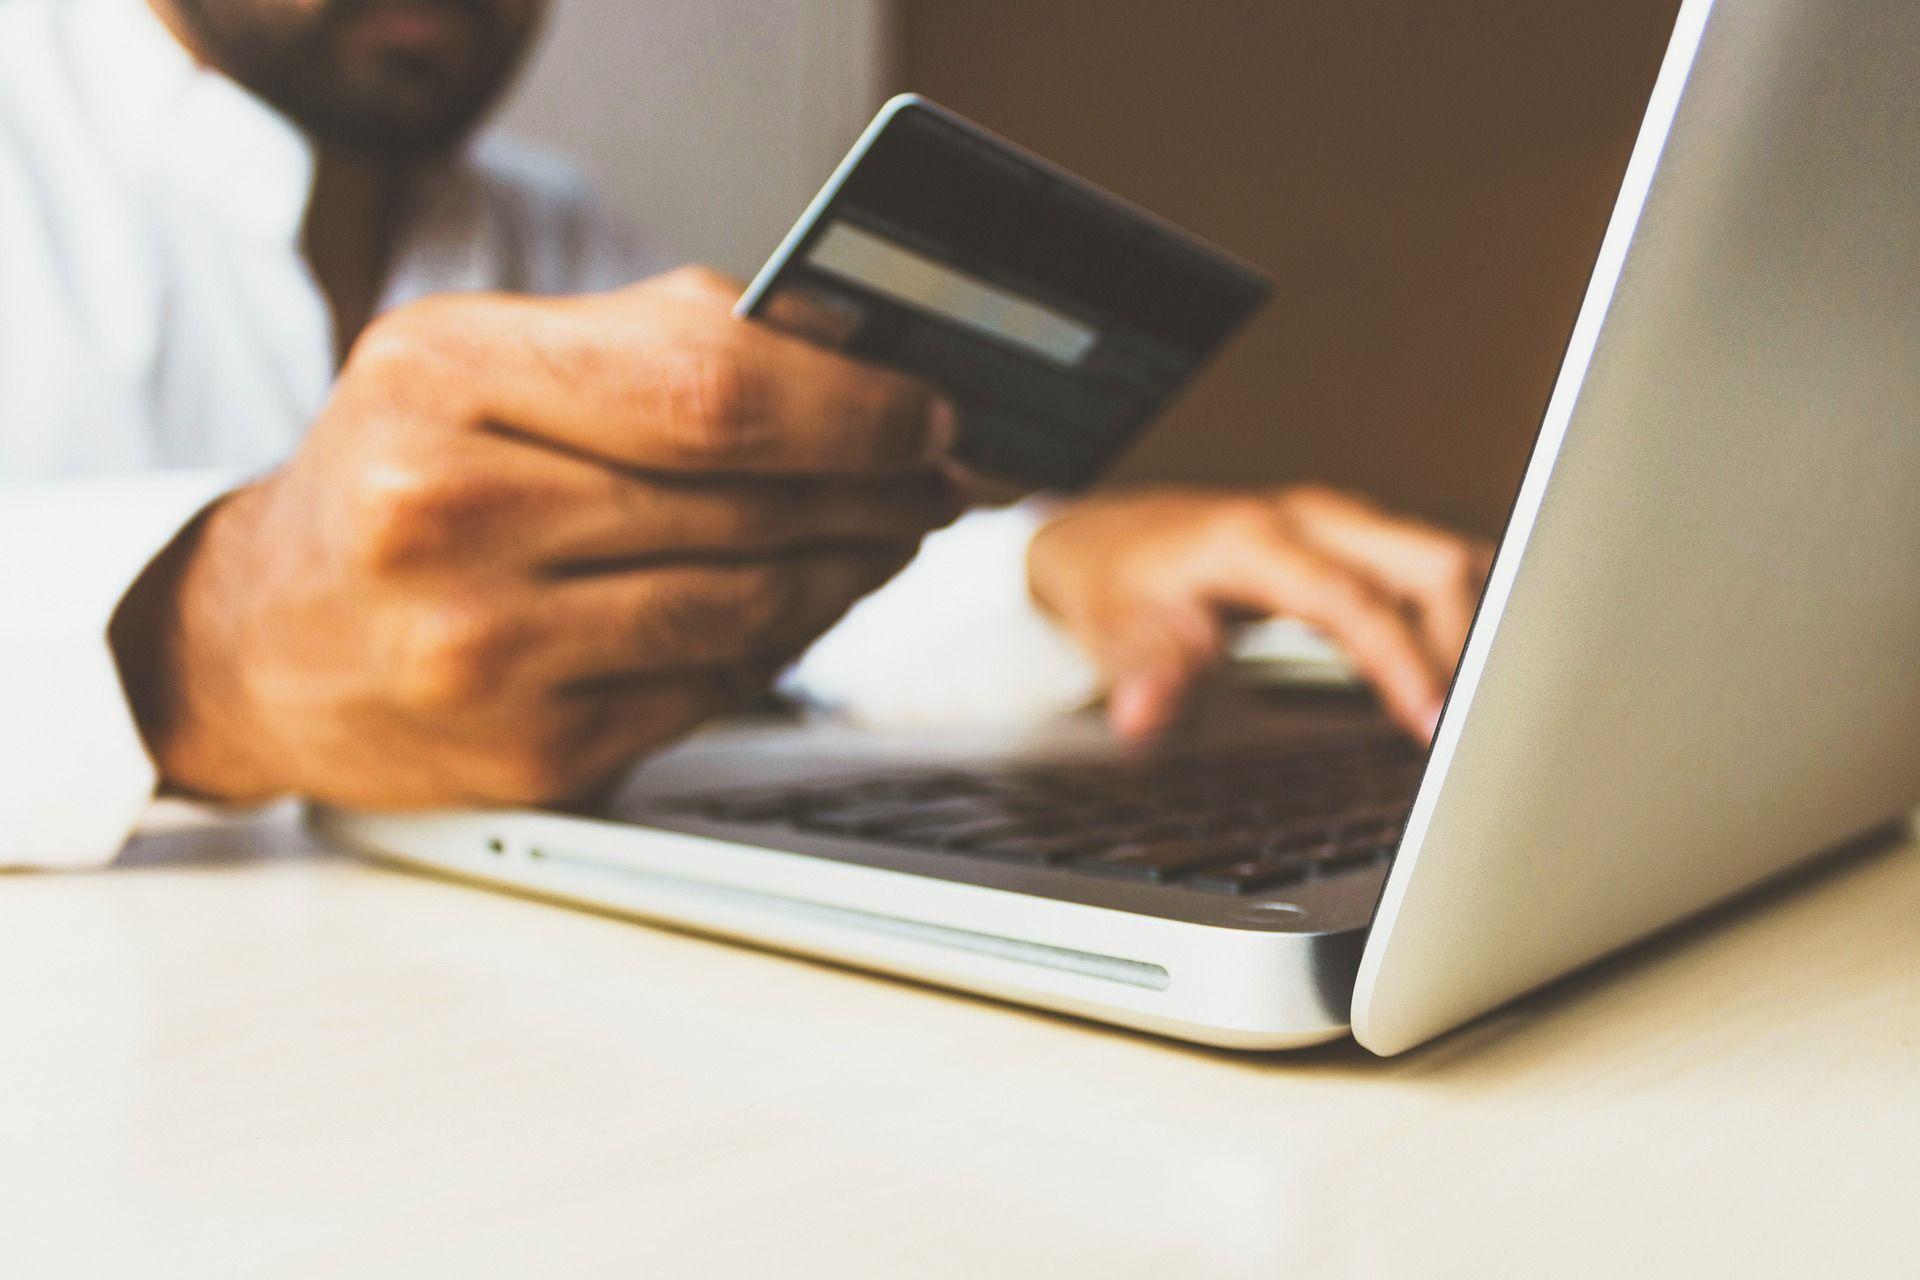 Chargebee y Worldline se alían para ofrecer una gestión integrada de las suscripciones y los pagos que ayudará a las entidades comerciales europeas a mejorar la fidelidad y la retención de sus clientes